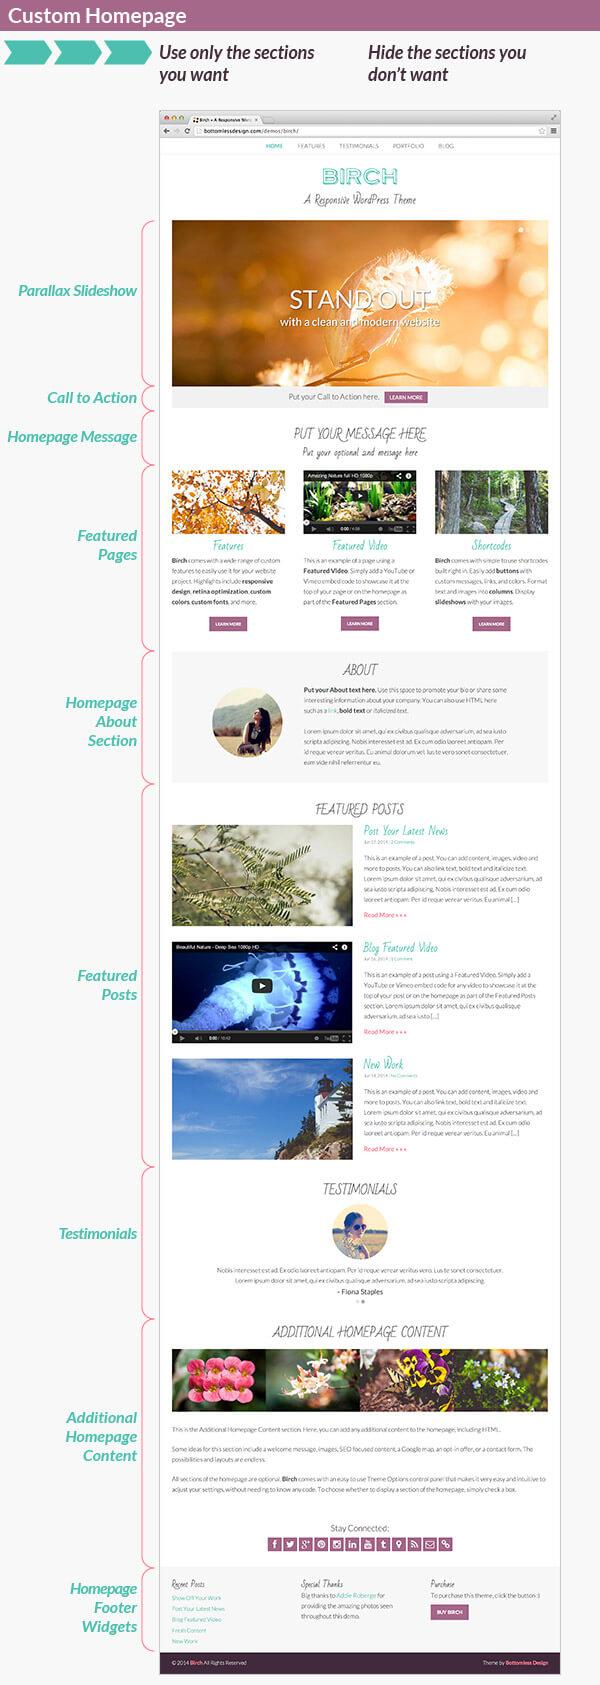 Birch-Description-images-02.jpg